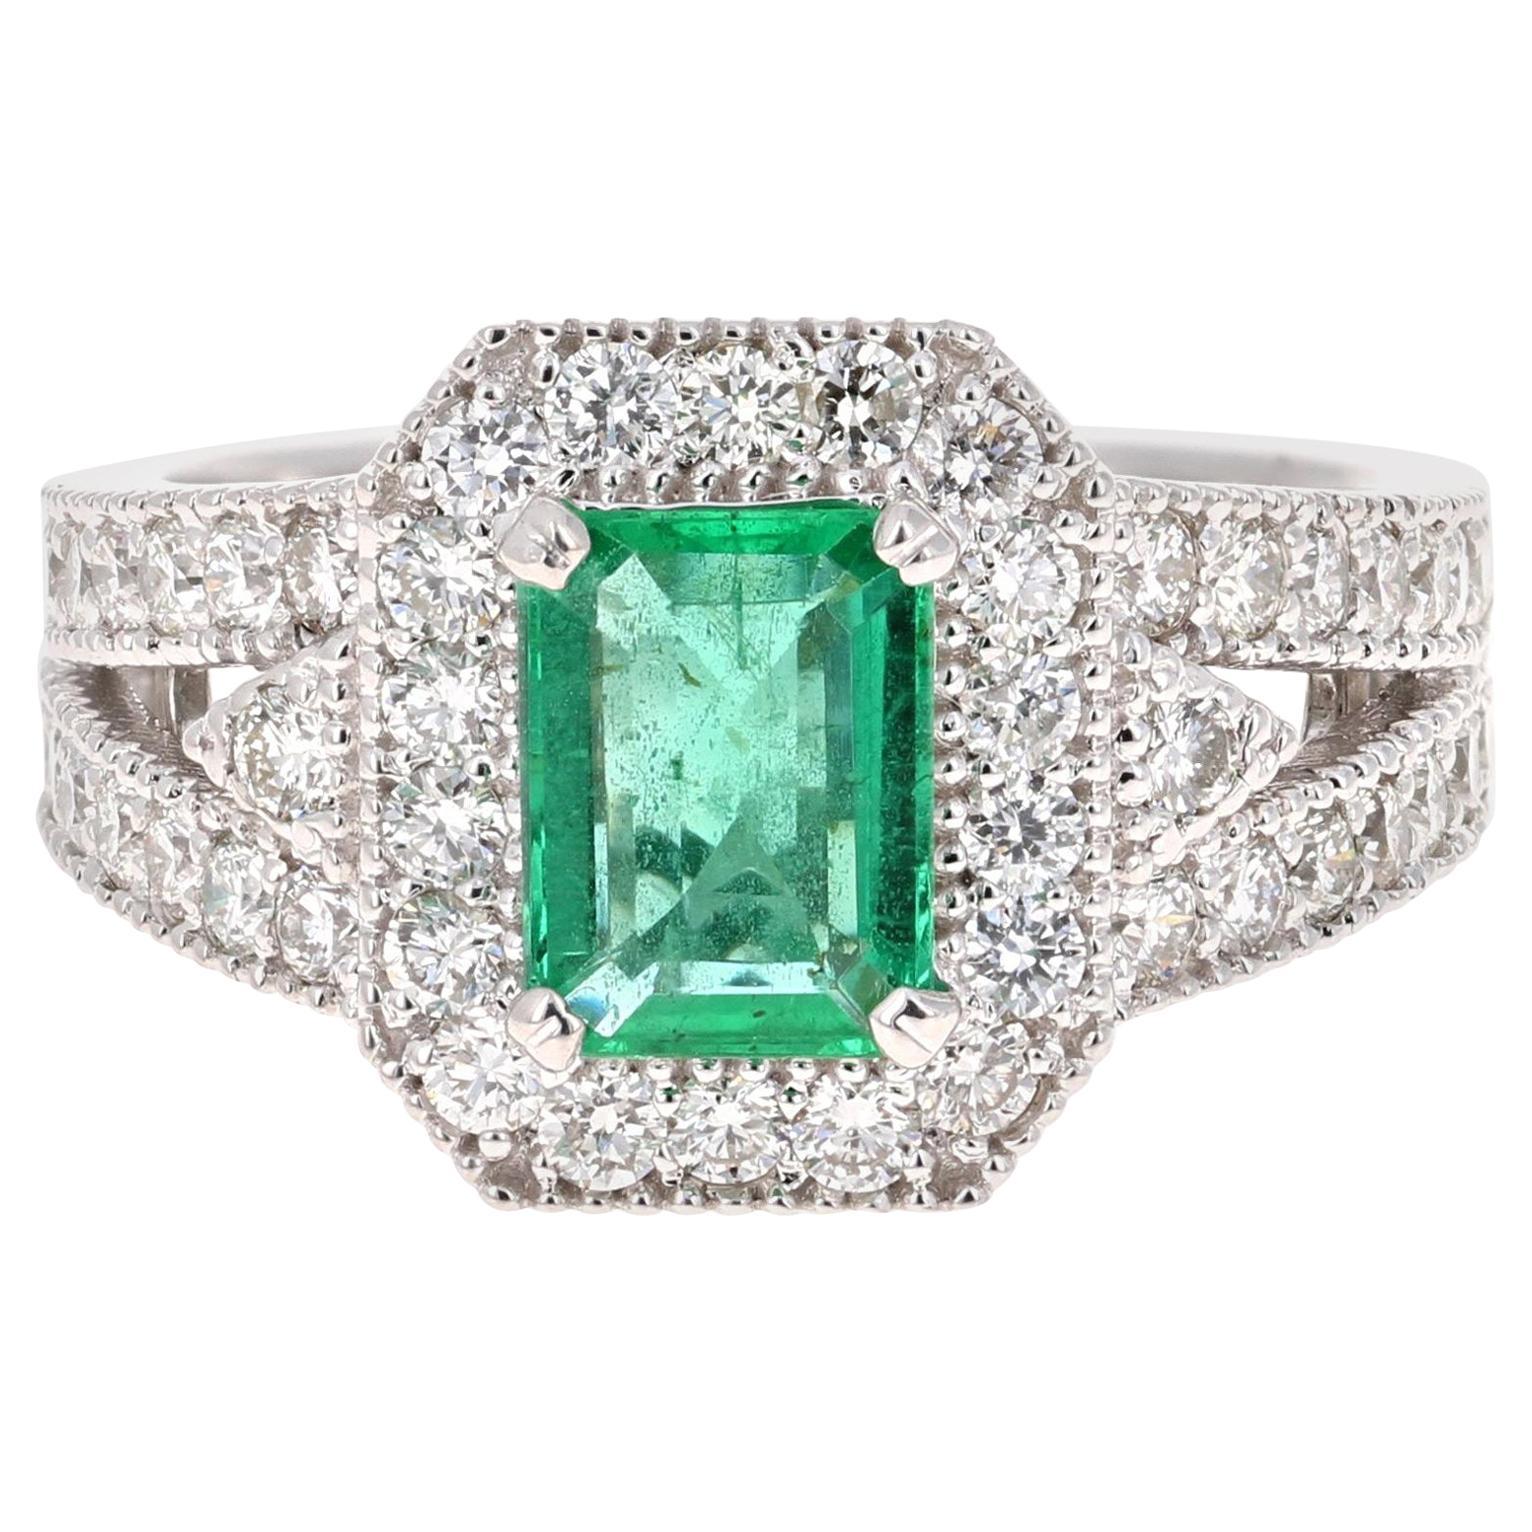 2.39 Carat Emerald Diamond 18 Karat White Gold Ring GIA Certified